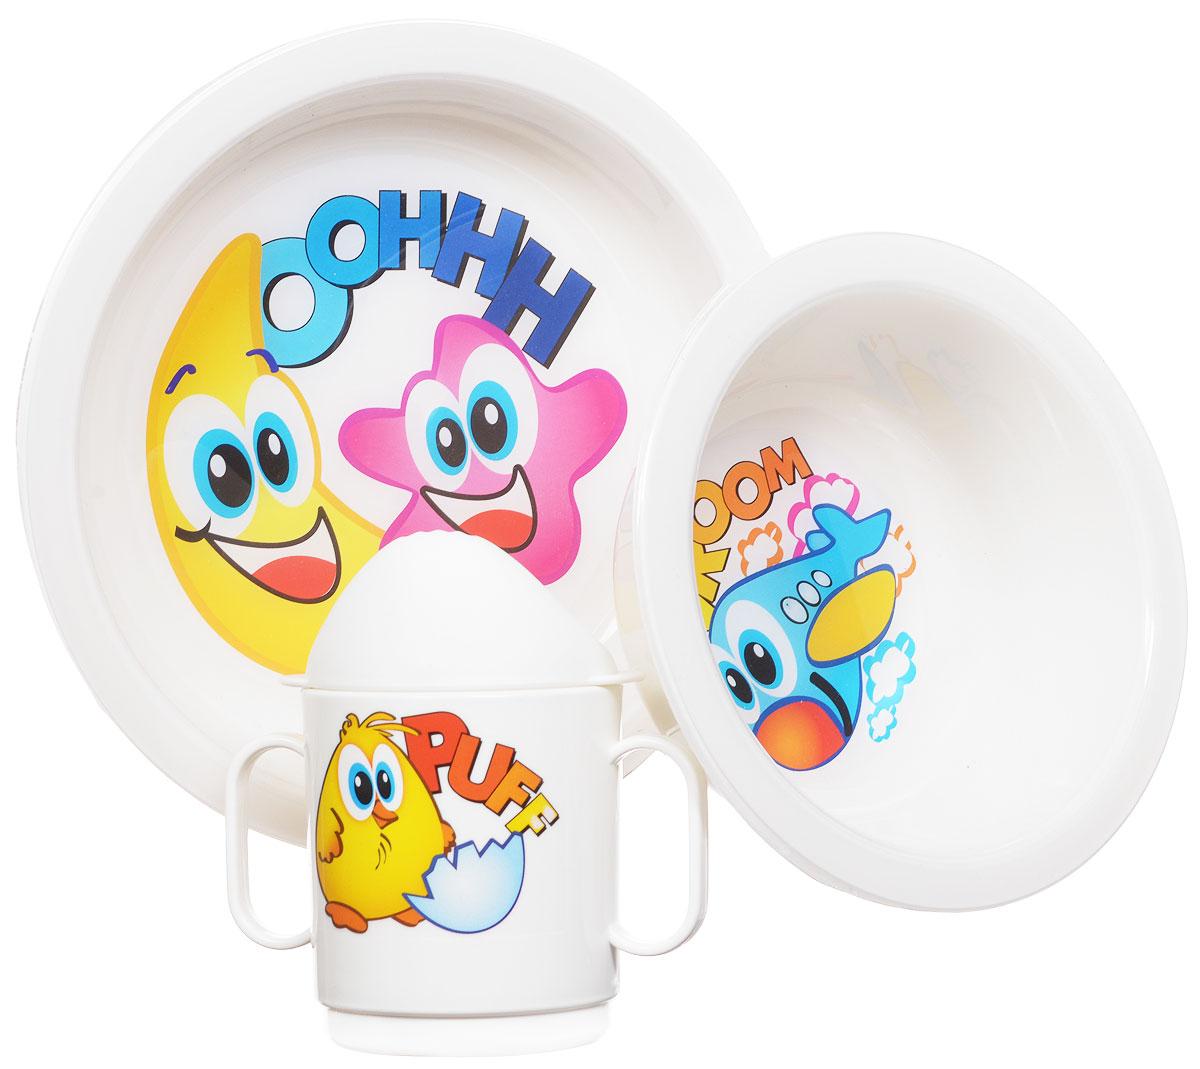 Cosmoplast Набор детской посуды Baby Tris Set 3 предмета2548_белыйДетский сервиз Baby Tris Set состоит из суповой тарелки, обеденной тарелки и чашки-поильника с двумя ручками. Яркие пластиковые тарелочки, оформленные красочными изображениями, прекрасно подойдут для кормления ребенка, или самостоятельного приема им пищи. Эргономичная форма позволит удобно держать тарелки во время кормления. Чашка-поильник со съемной крышечкой имеет две удобные ручки. Все предметы набора изготовлены из высококачественного пищевого пластика по специальной технологии, которая гарантирует простоту ухода, прочность и безопасность изделий для детей. Предметы сервиза оформлены красочными рисунками, которые обязательно понравятся вашему малышу. Элементы набора не содержат бисфенол-А. Уважаемые клиенты! Обращаем ваше внимание на возможные варьирования в дизайне товара. Поставка возможна в зависимости от наличия на складе.